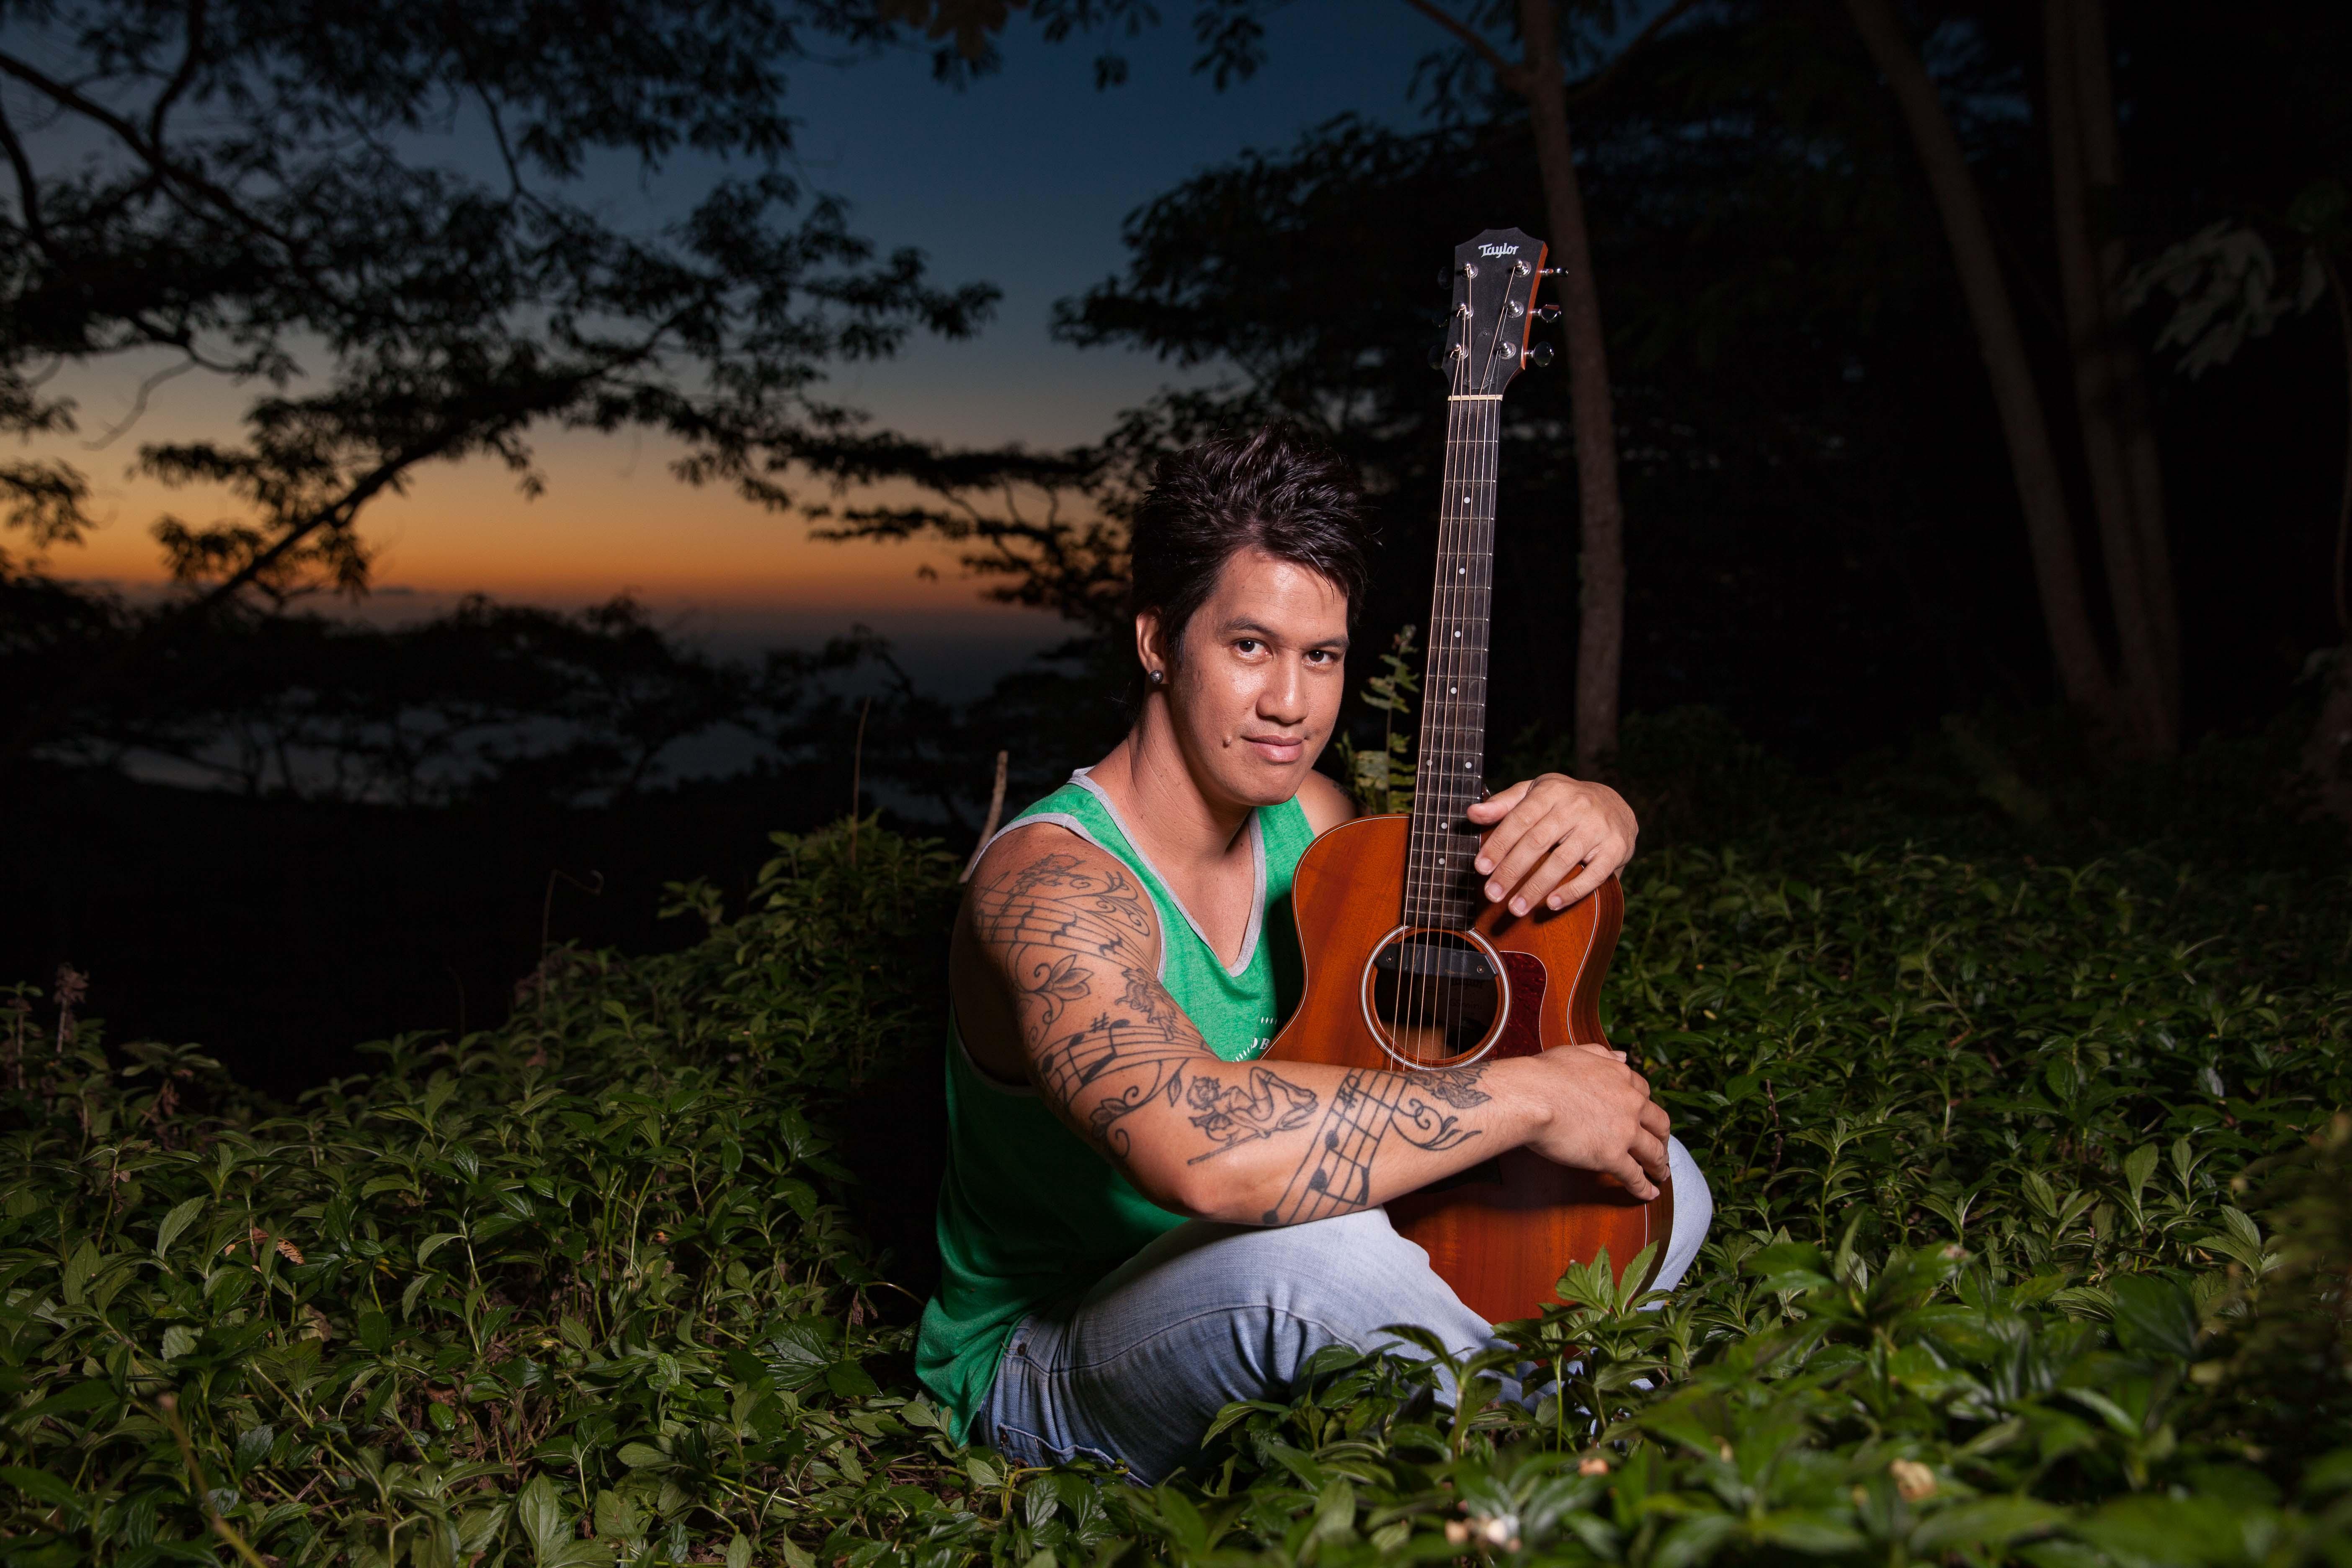 Maruarii Ateni, virtuose du 'ukulele et invité de marque pour le festival